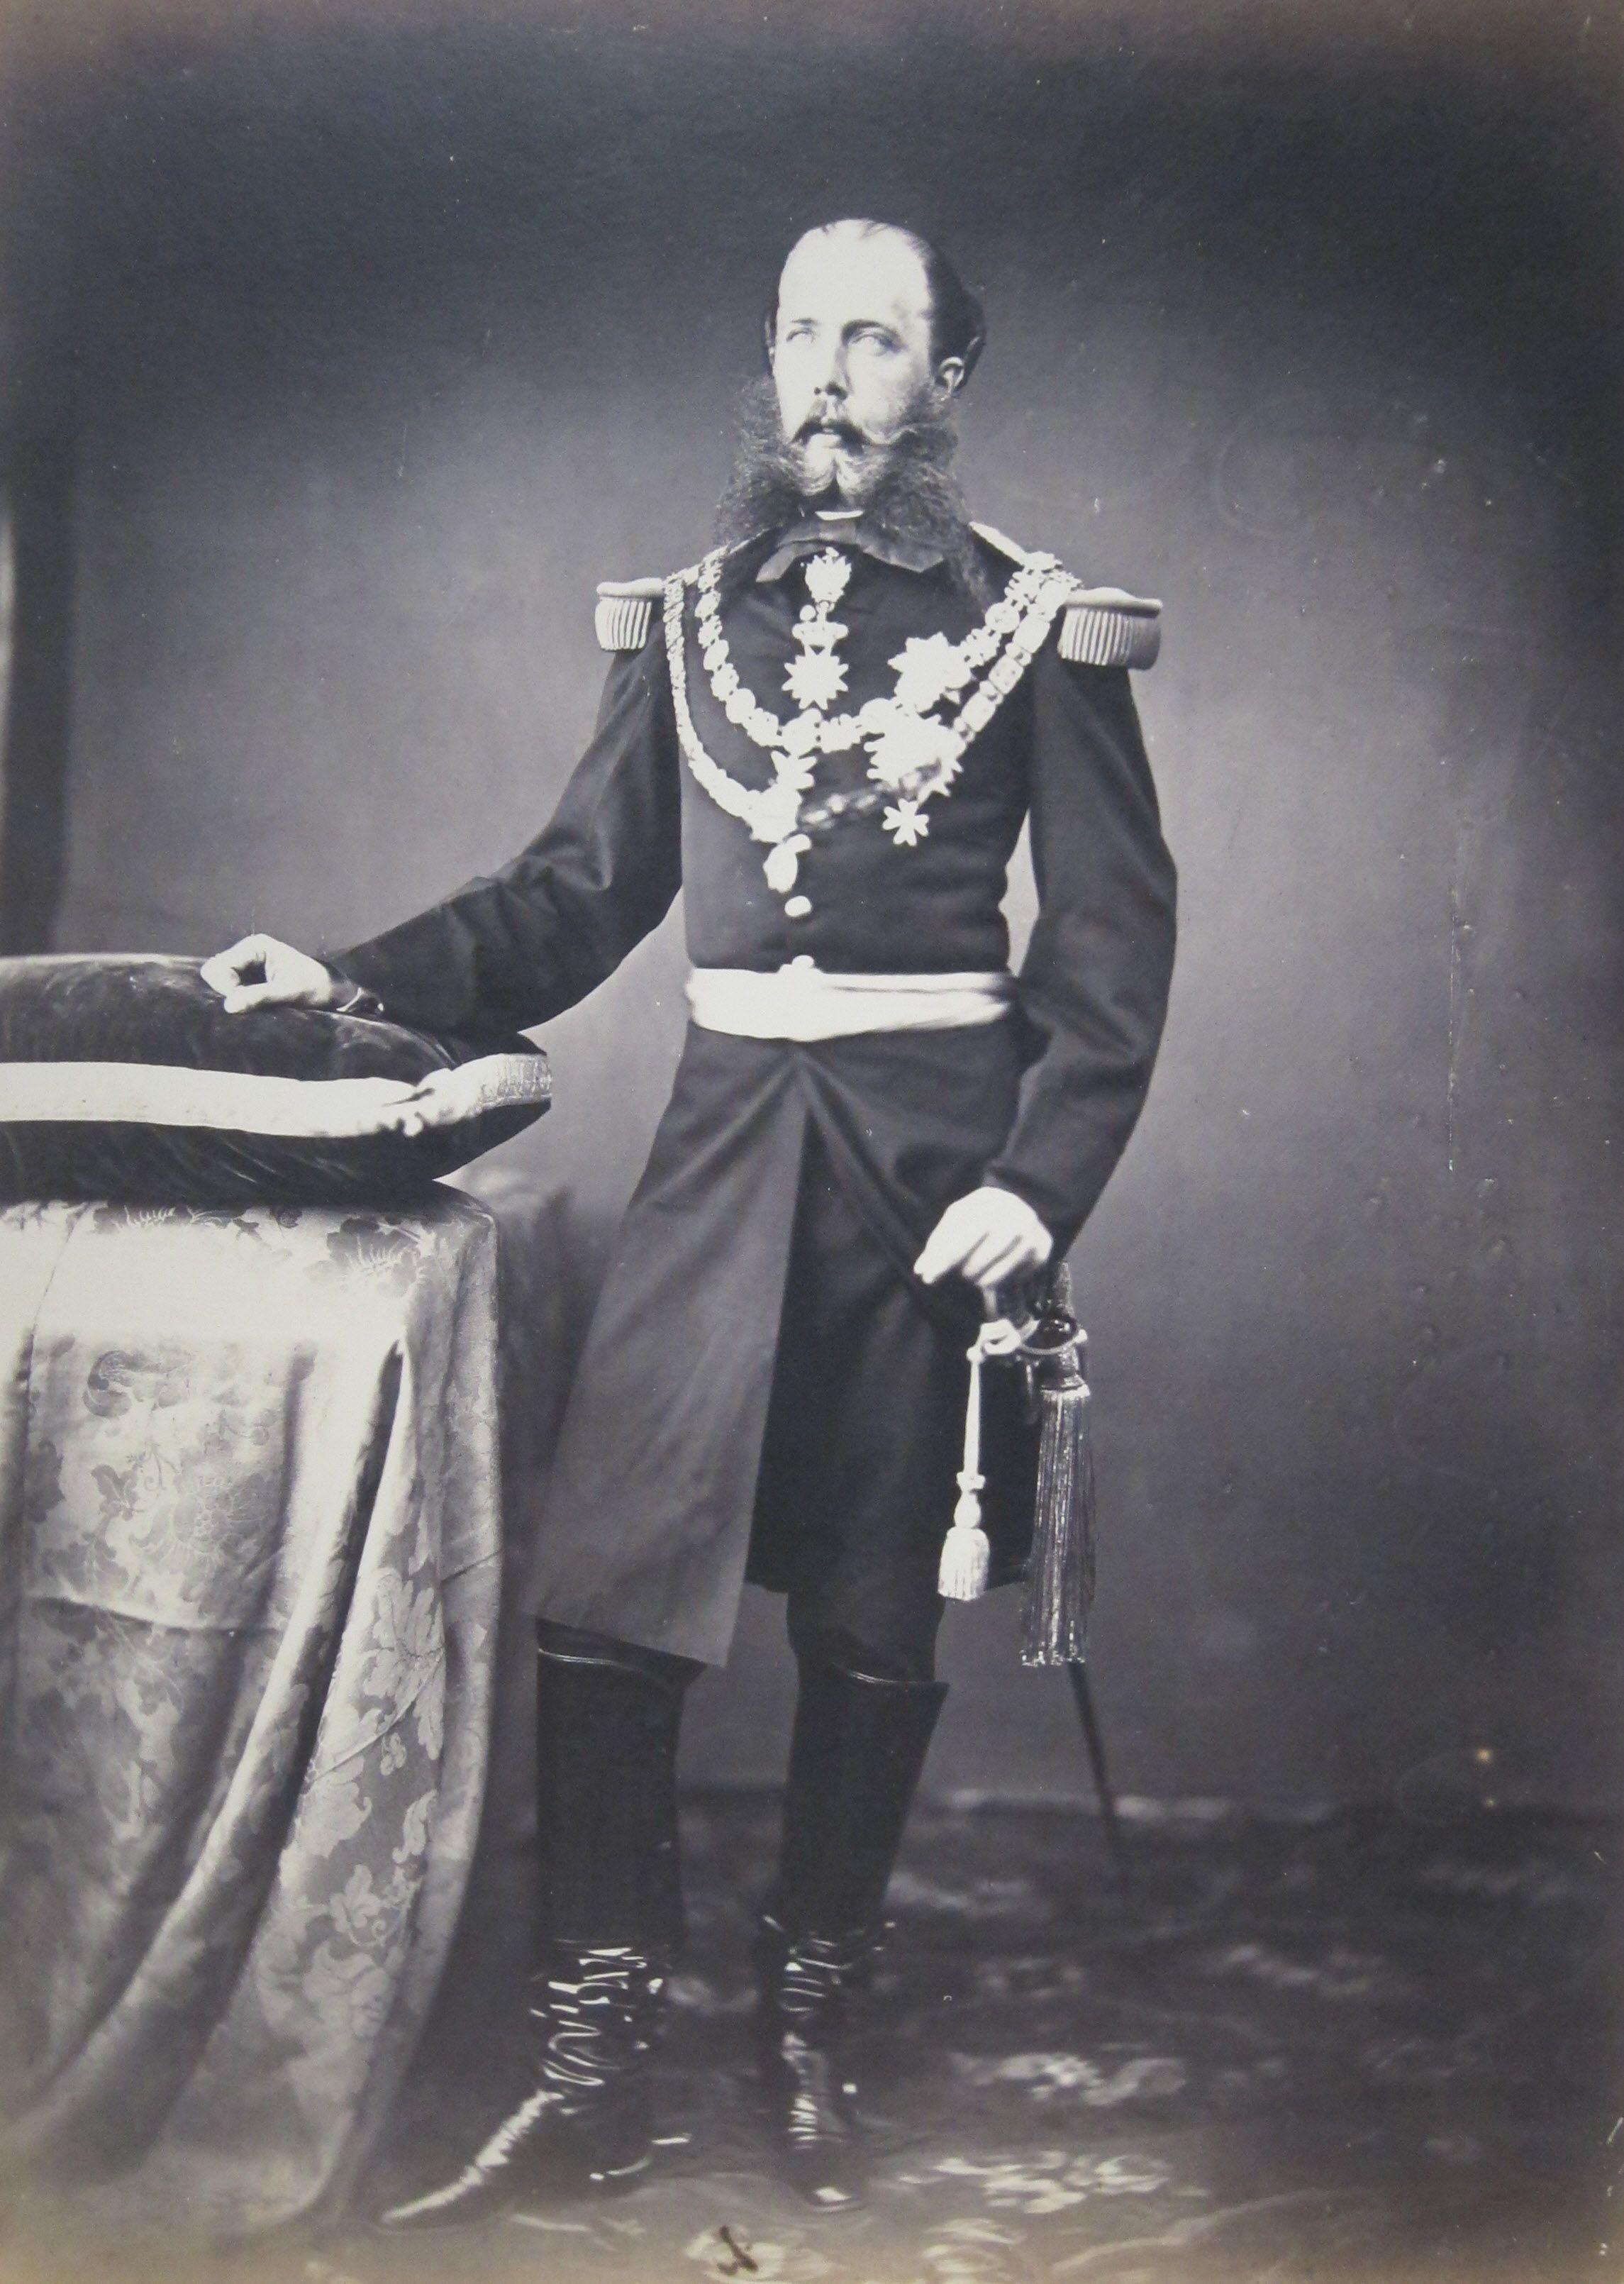 Emperor_Maximiliano_around_1865.jpg (2290×3220)